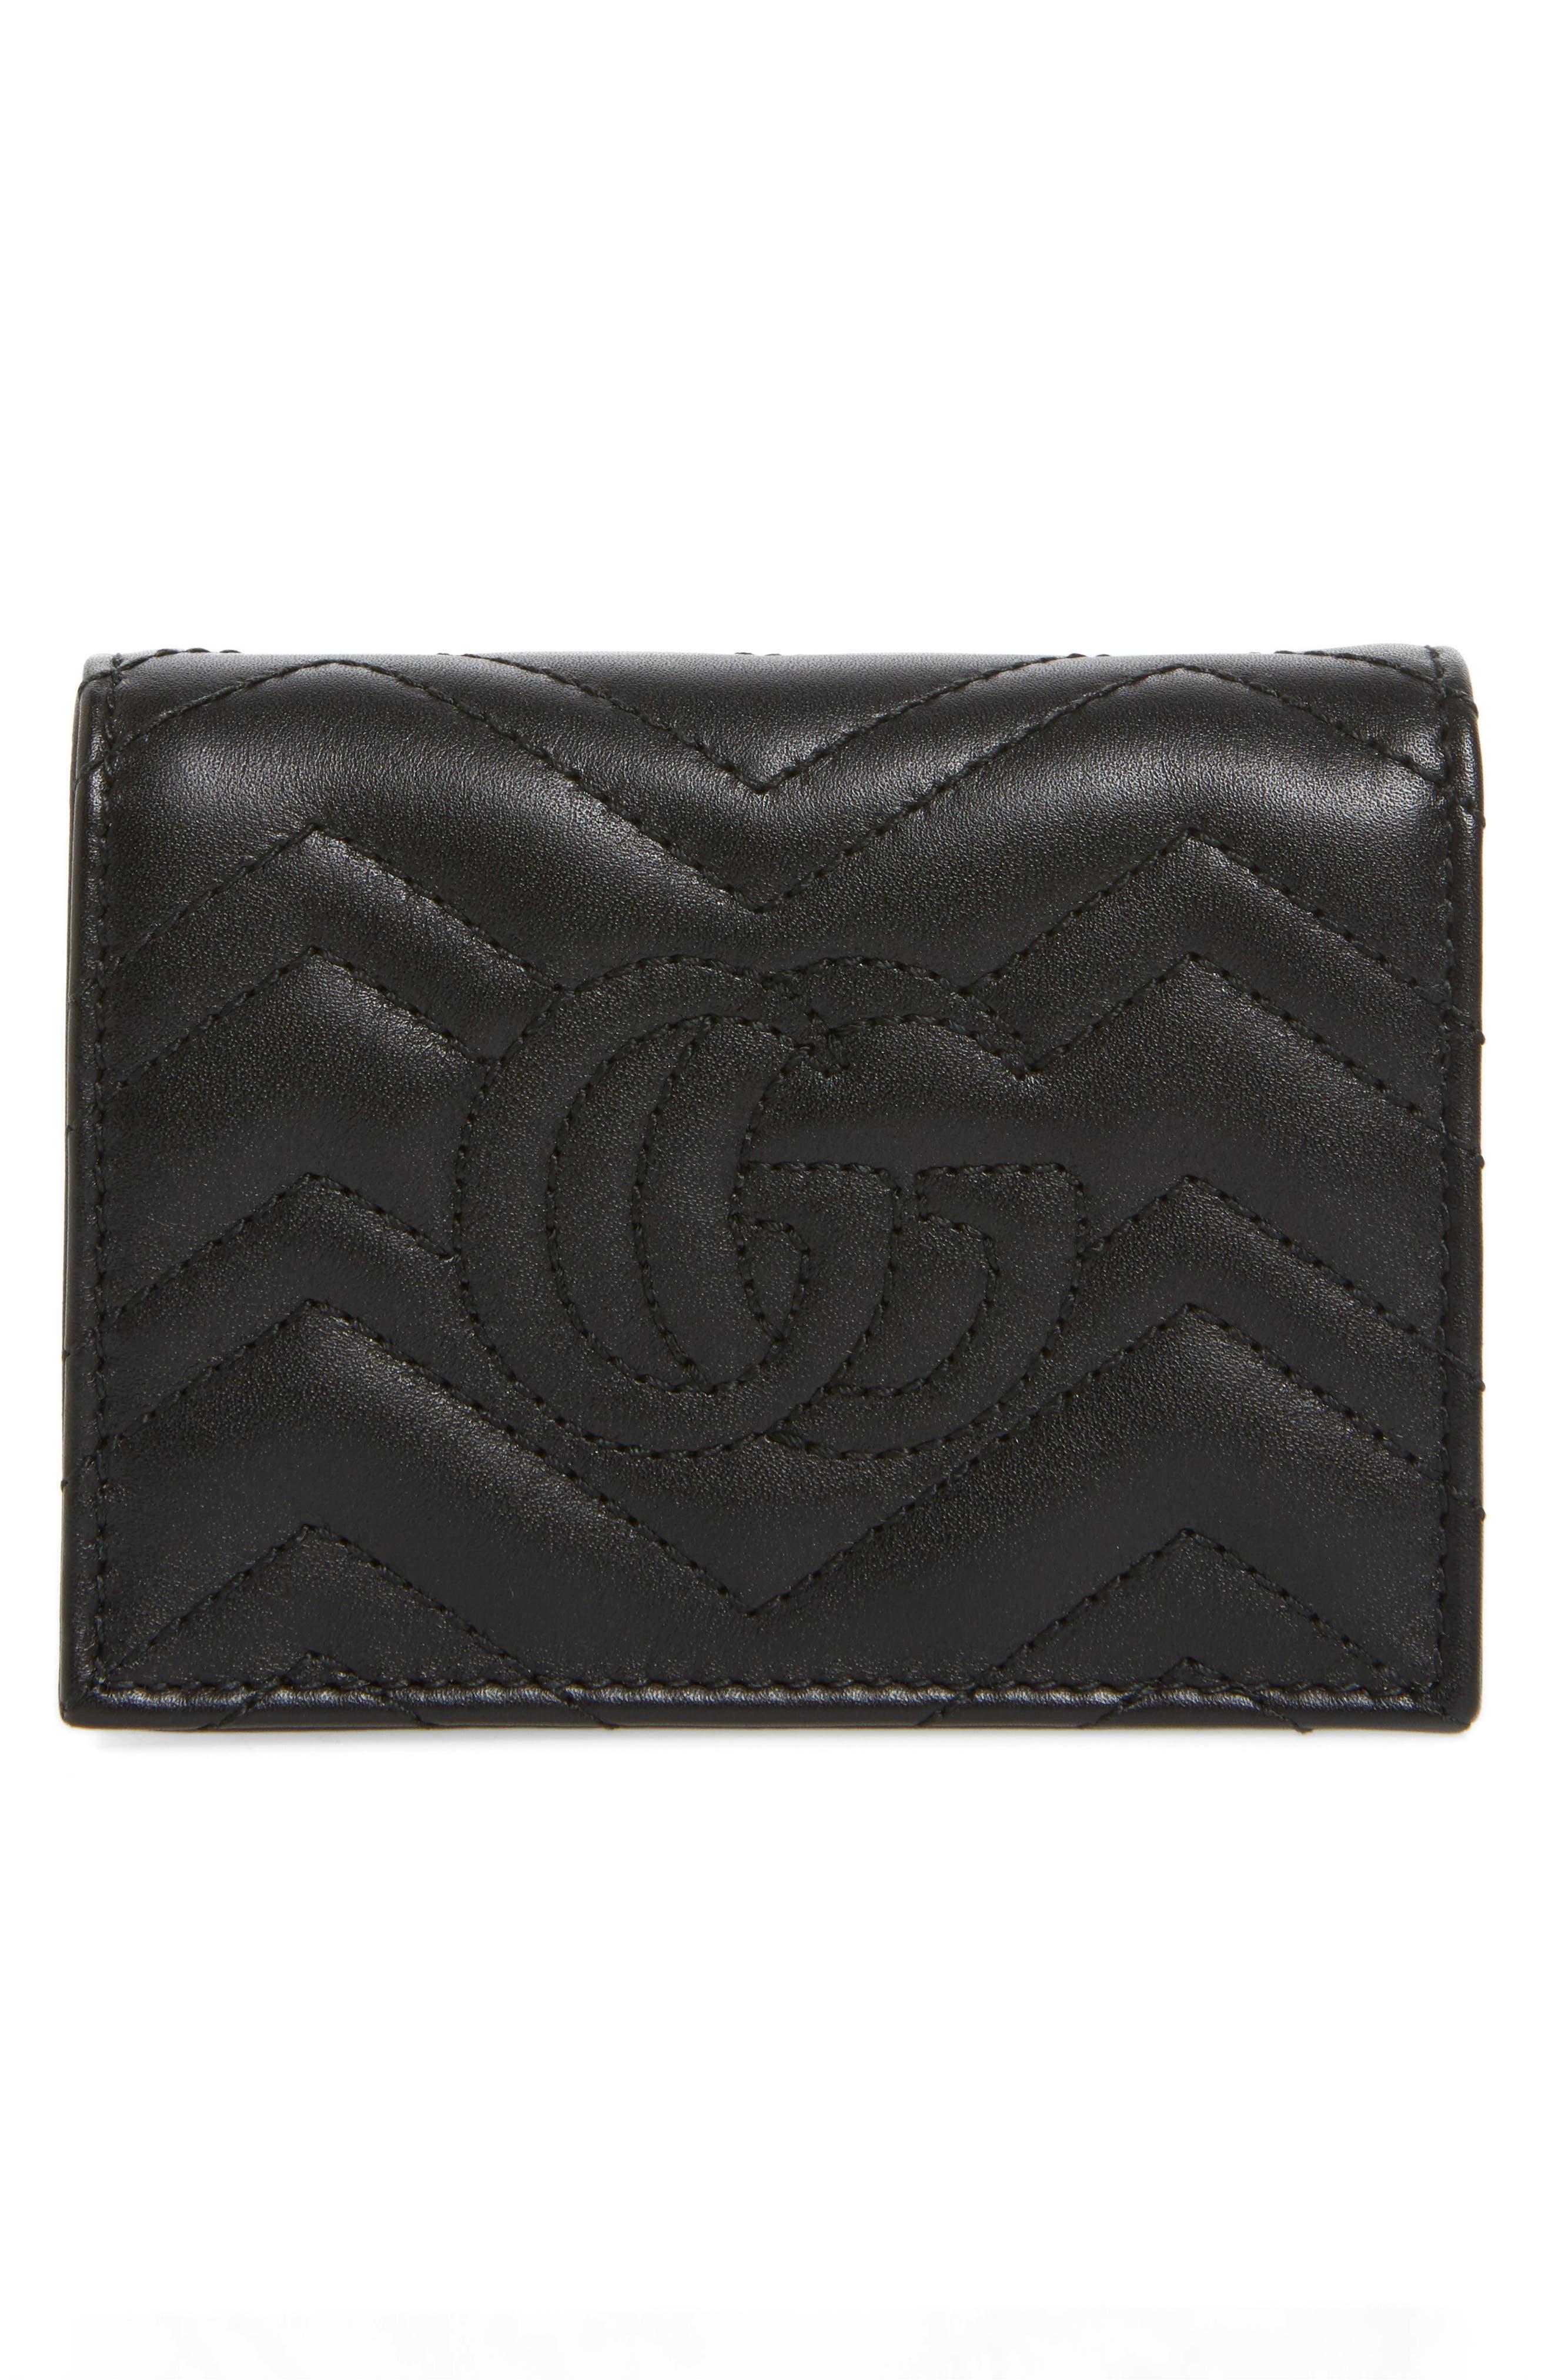 GG Marmont 2.0 Moth Matelassé Leather Card Case,                             Alternate thumbnail 4, color,                             001